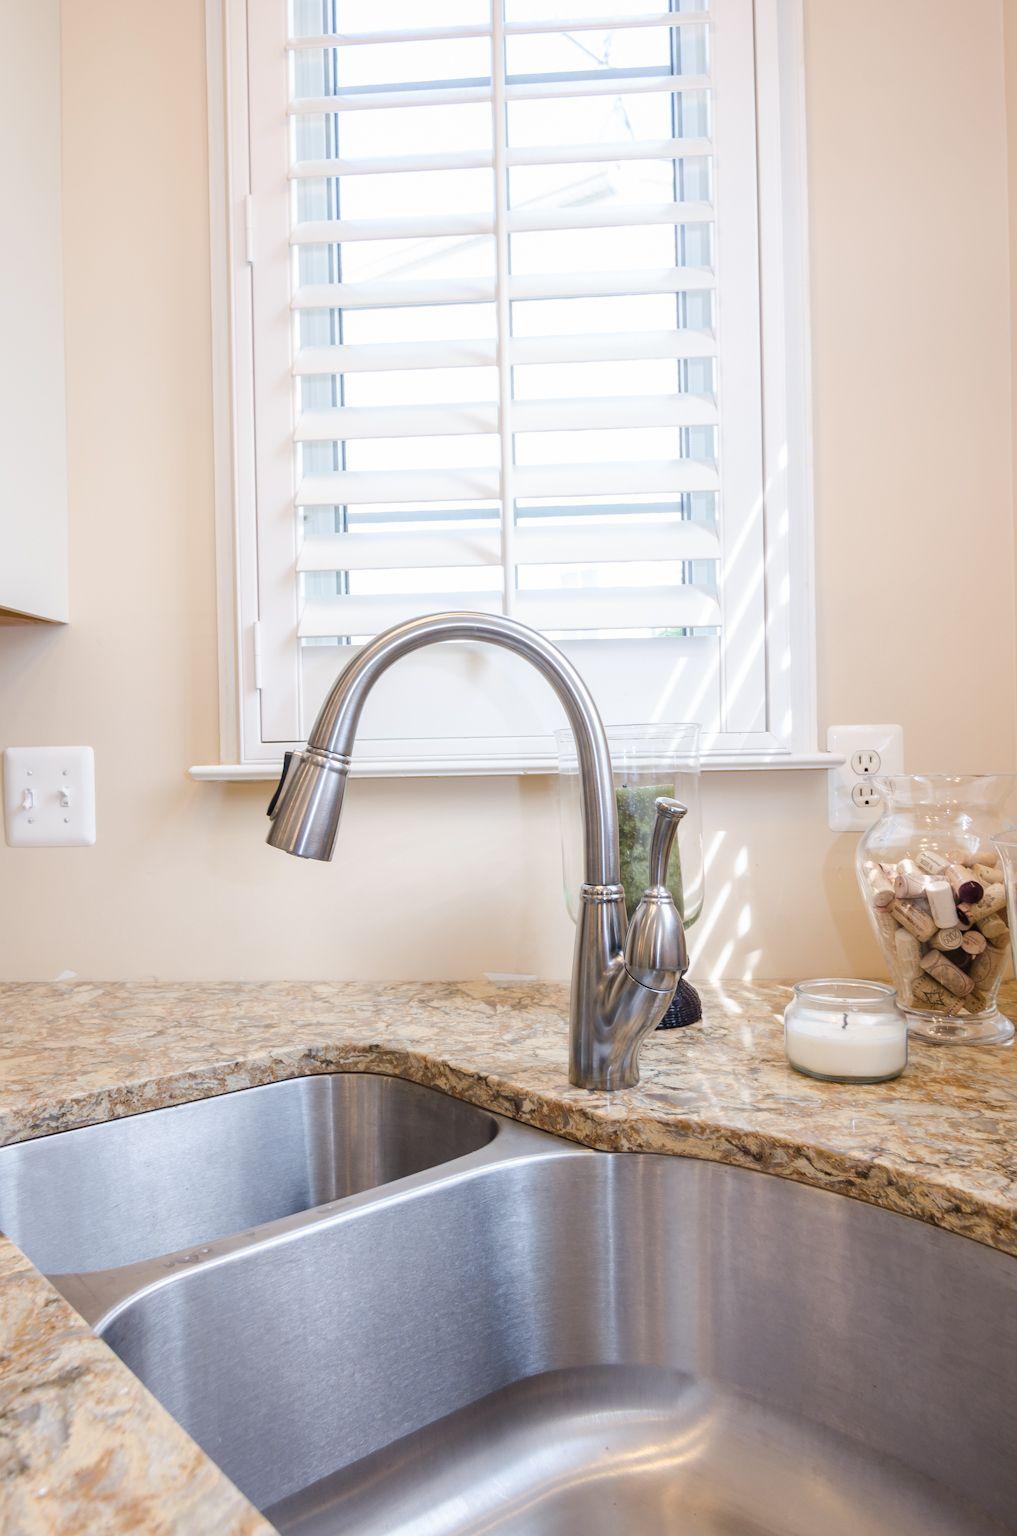 Delta kitchen sink faucet. | Fixtures & Faucets | Pinterest ...